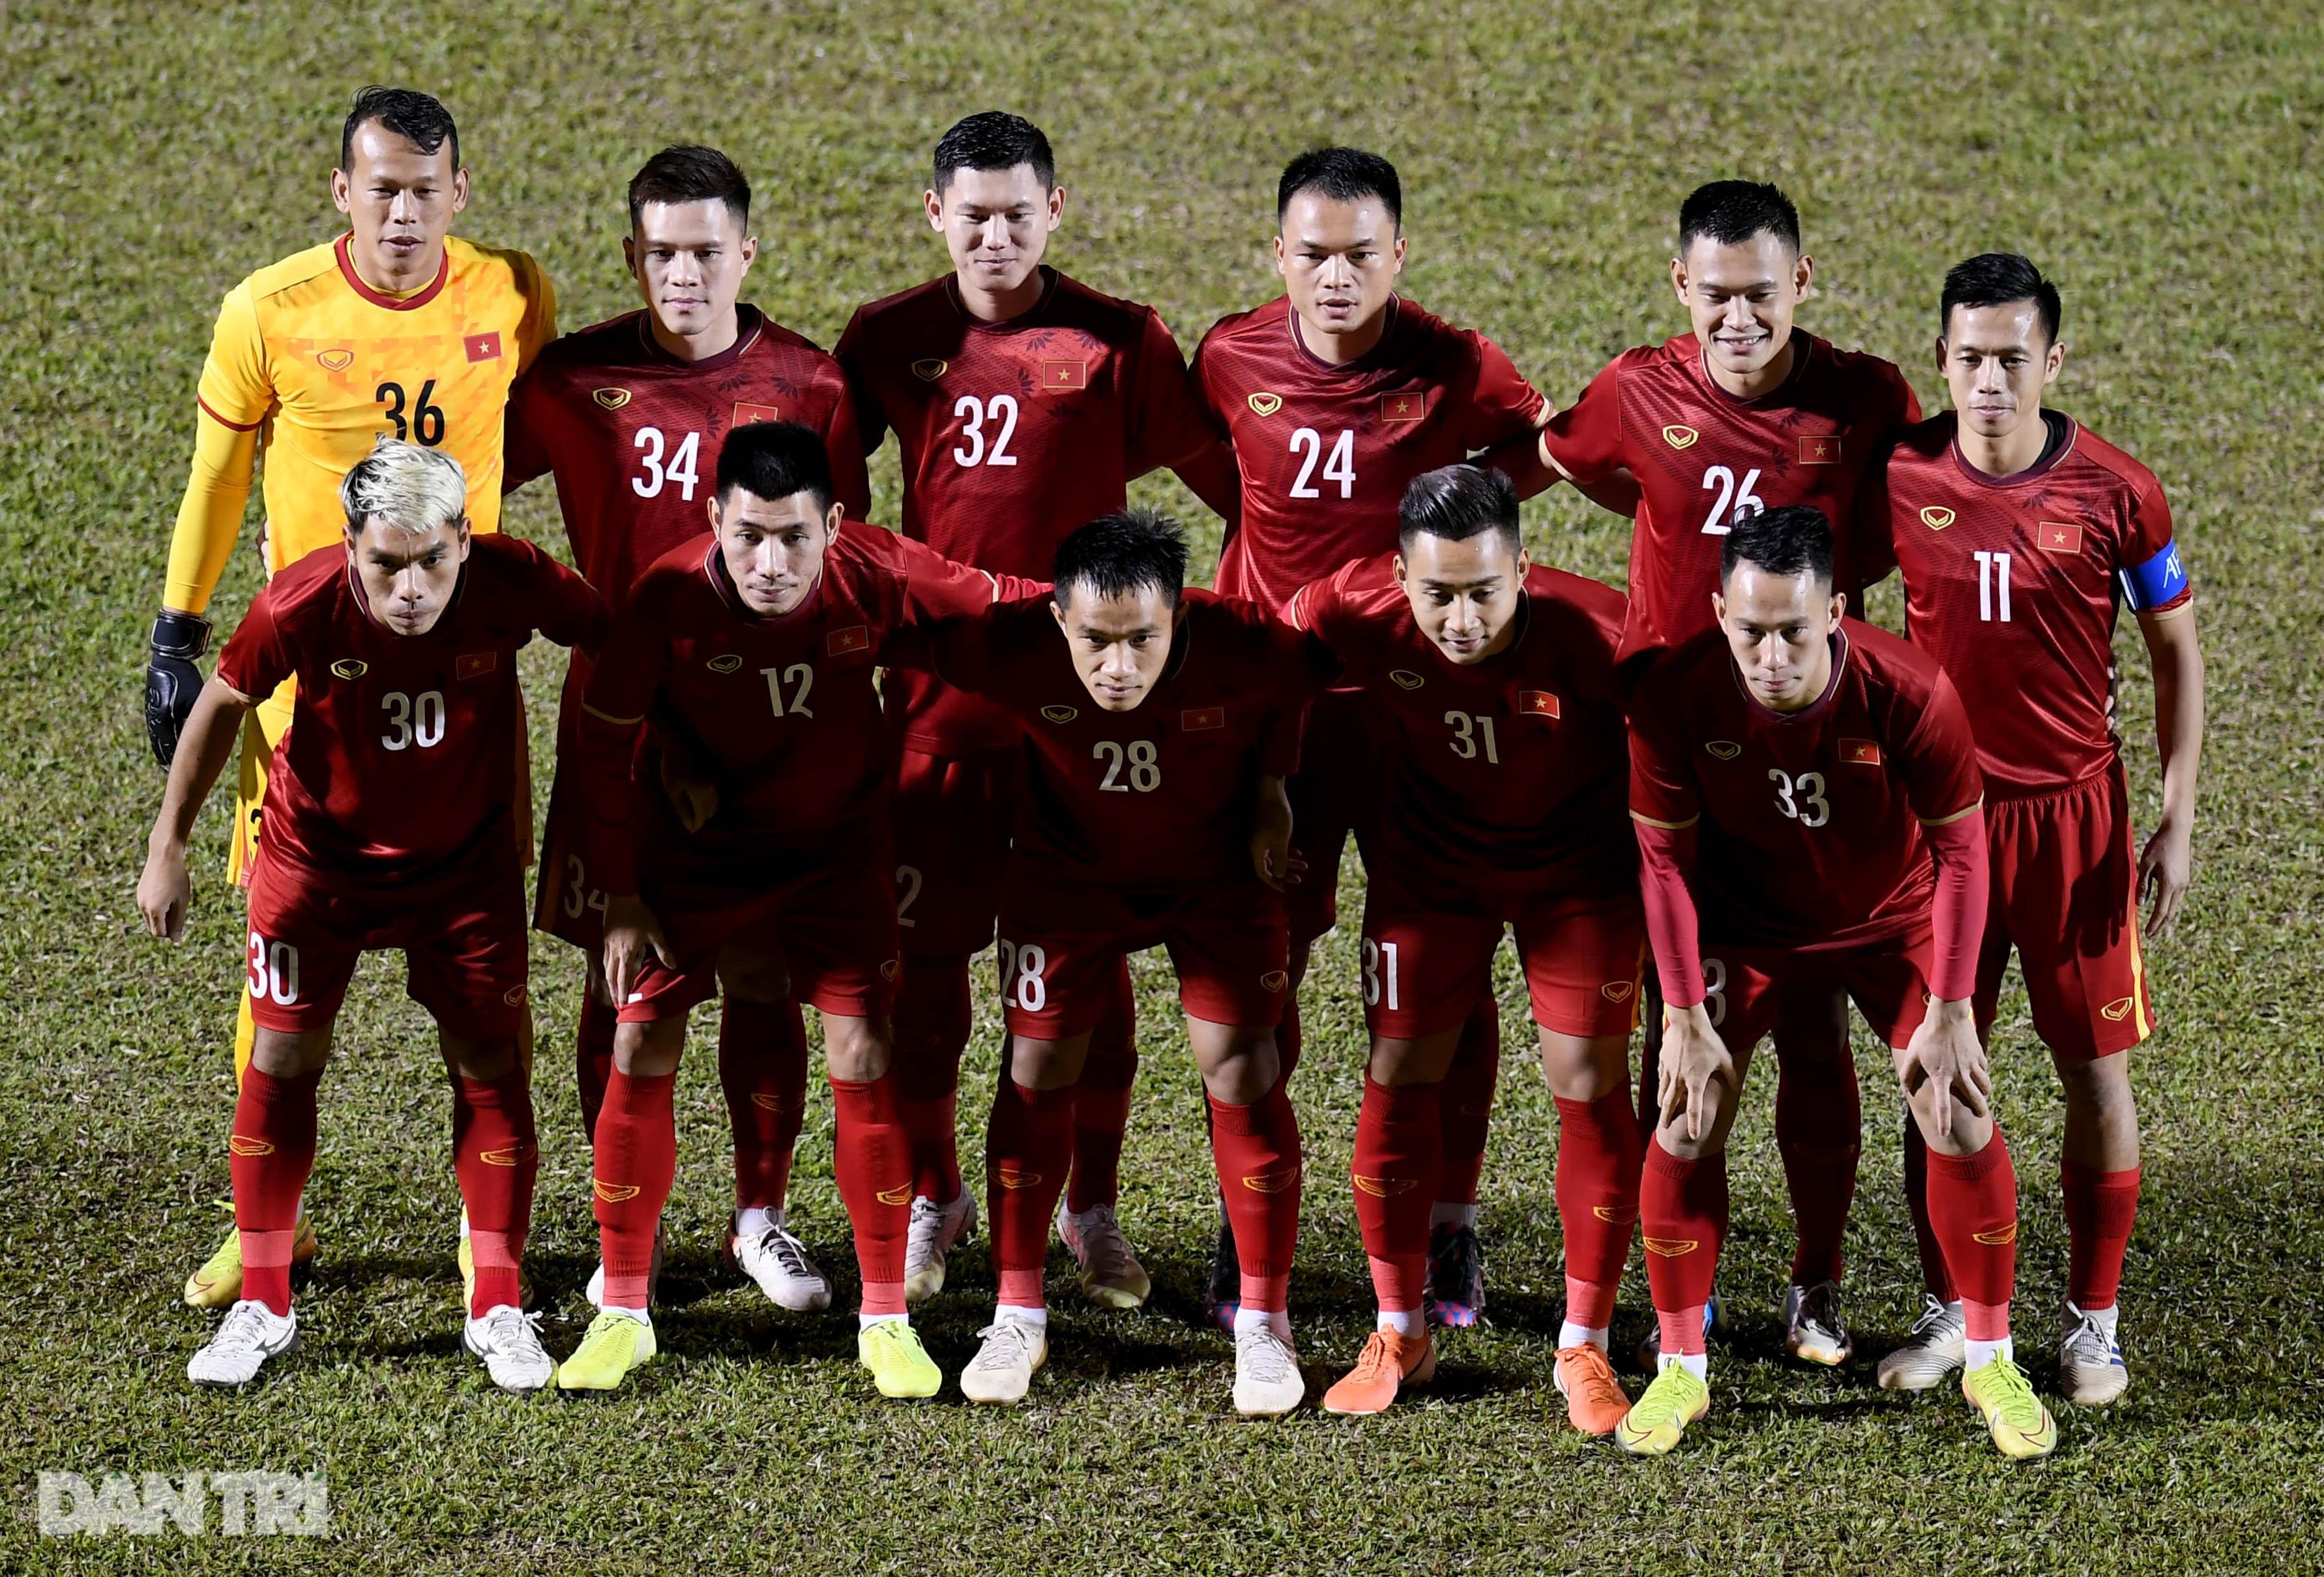 Văn Quyết ghi điểm trong chiến thắng của tuyển Việt Nam trước đàn em U22 - 2